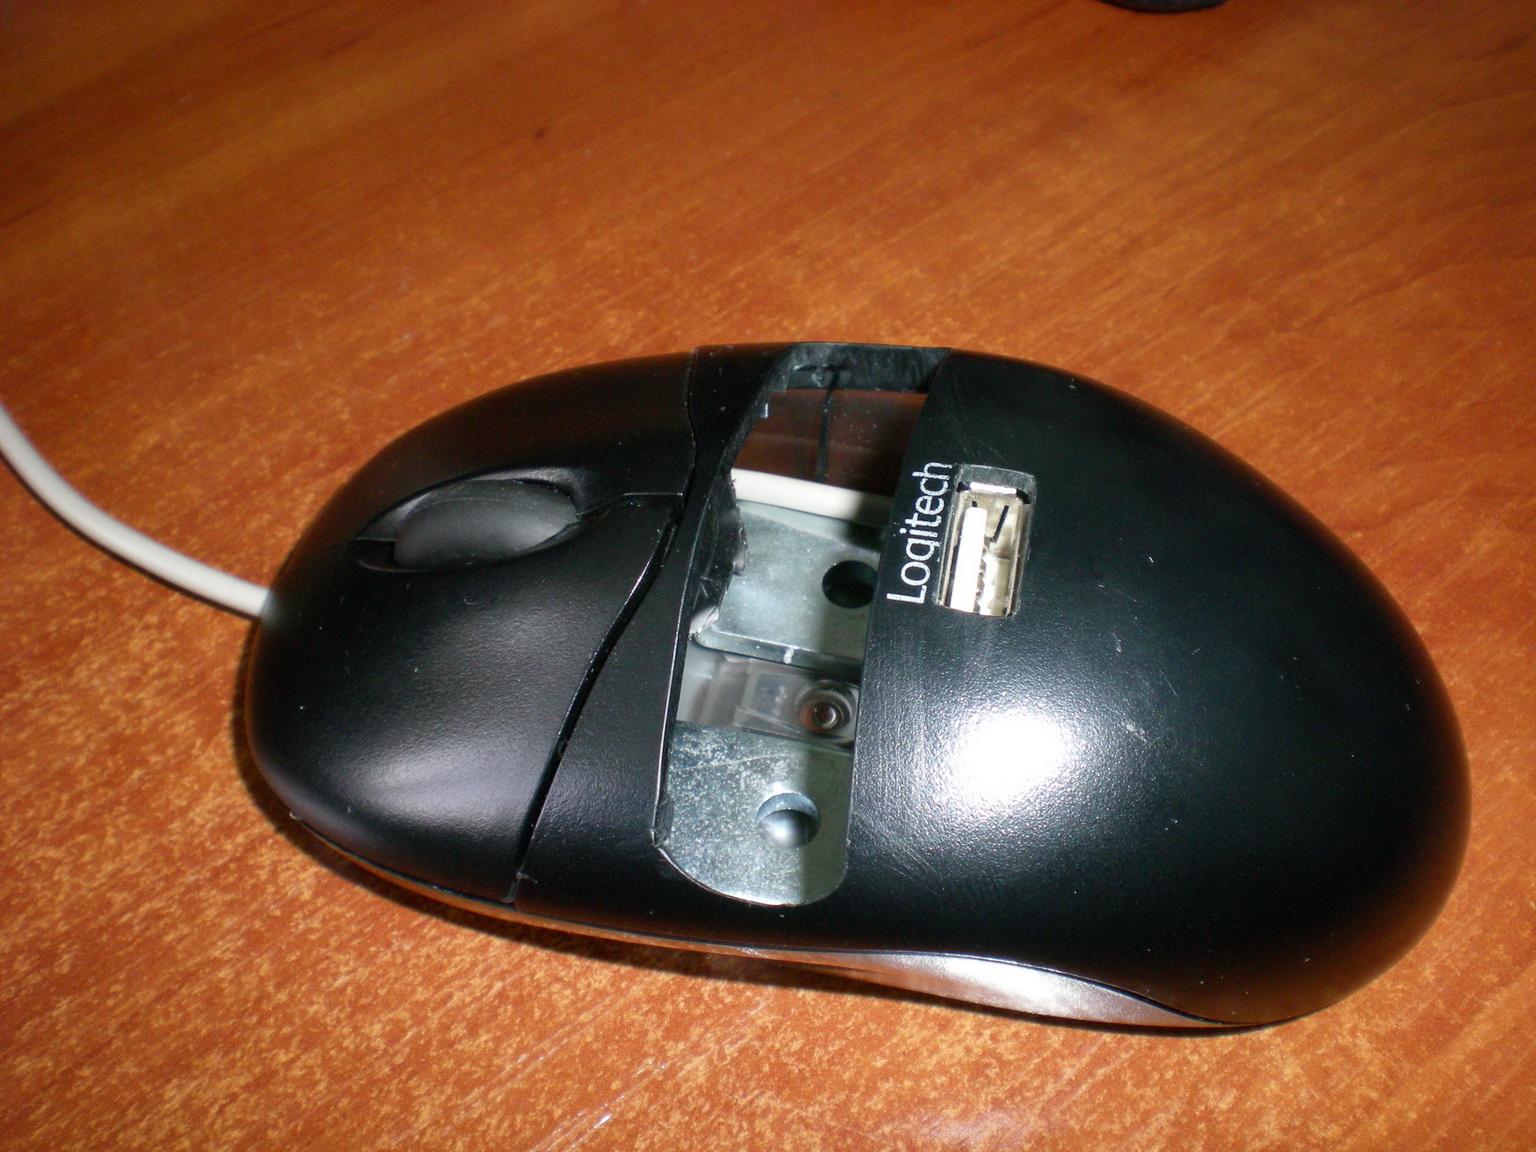 Что делать, если не работает мышка Не работает мышка что делать